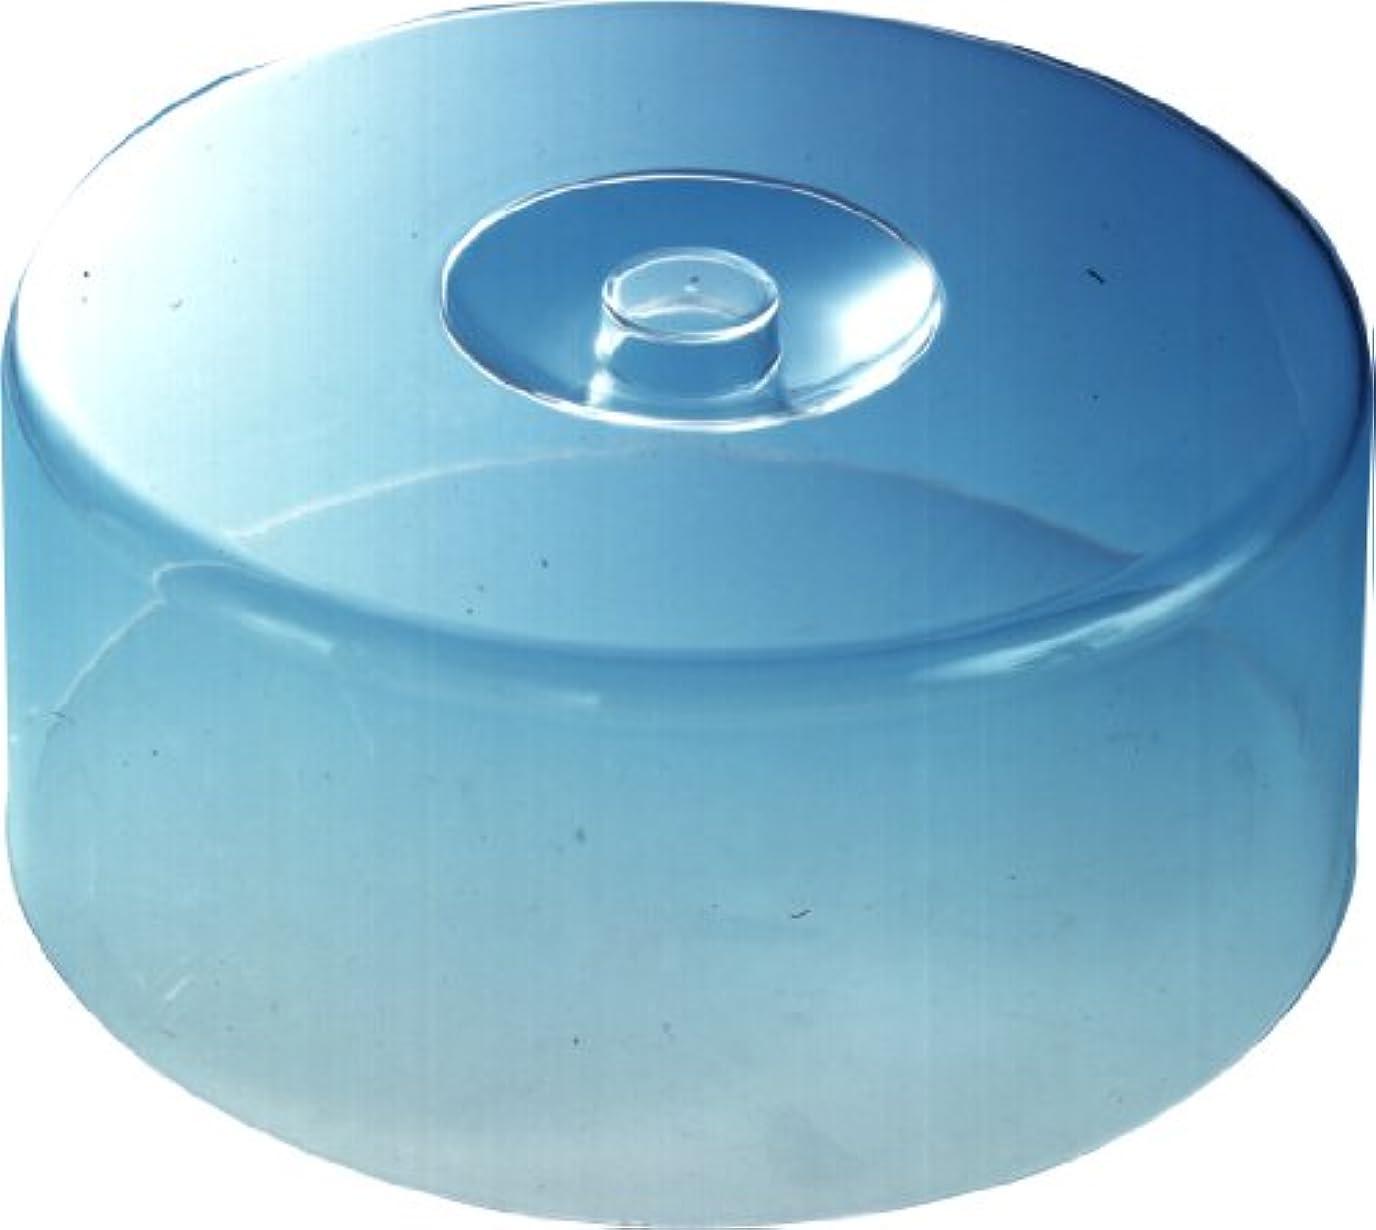 予測する正統派摘むタイガークラウン ケーキカバー クリア 250×110mm PCリッド(ひまわり) 小 メタクリル樹脂 保存カバー 透明 軽量 1317